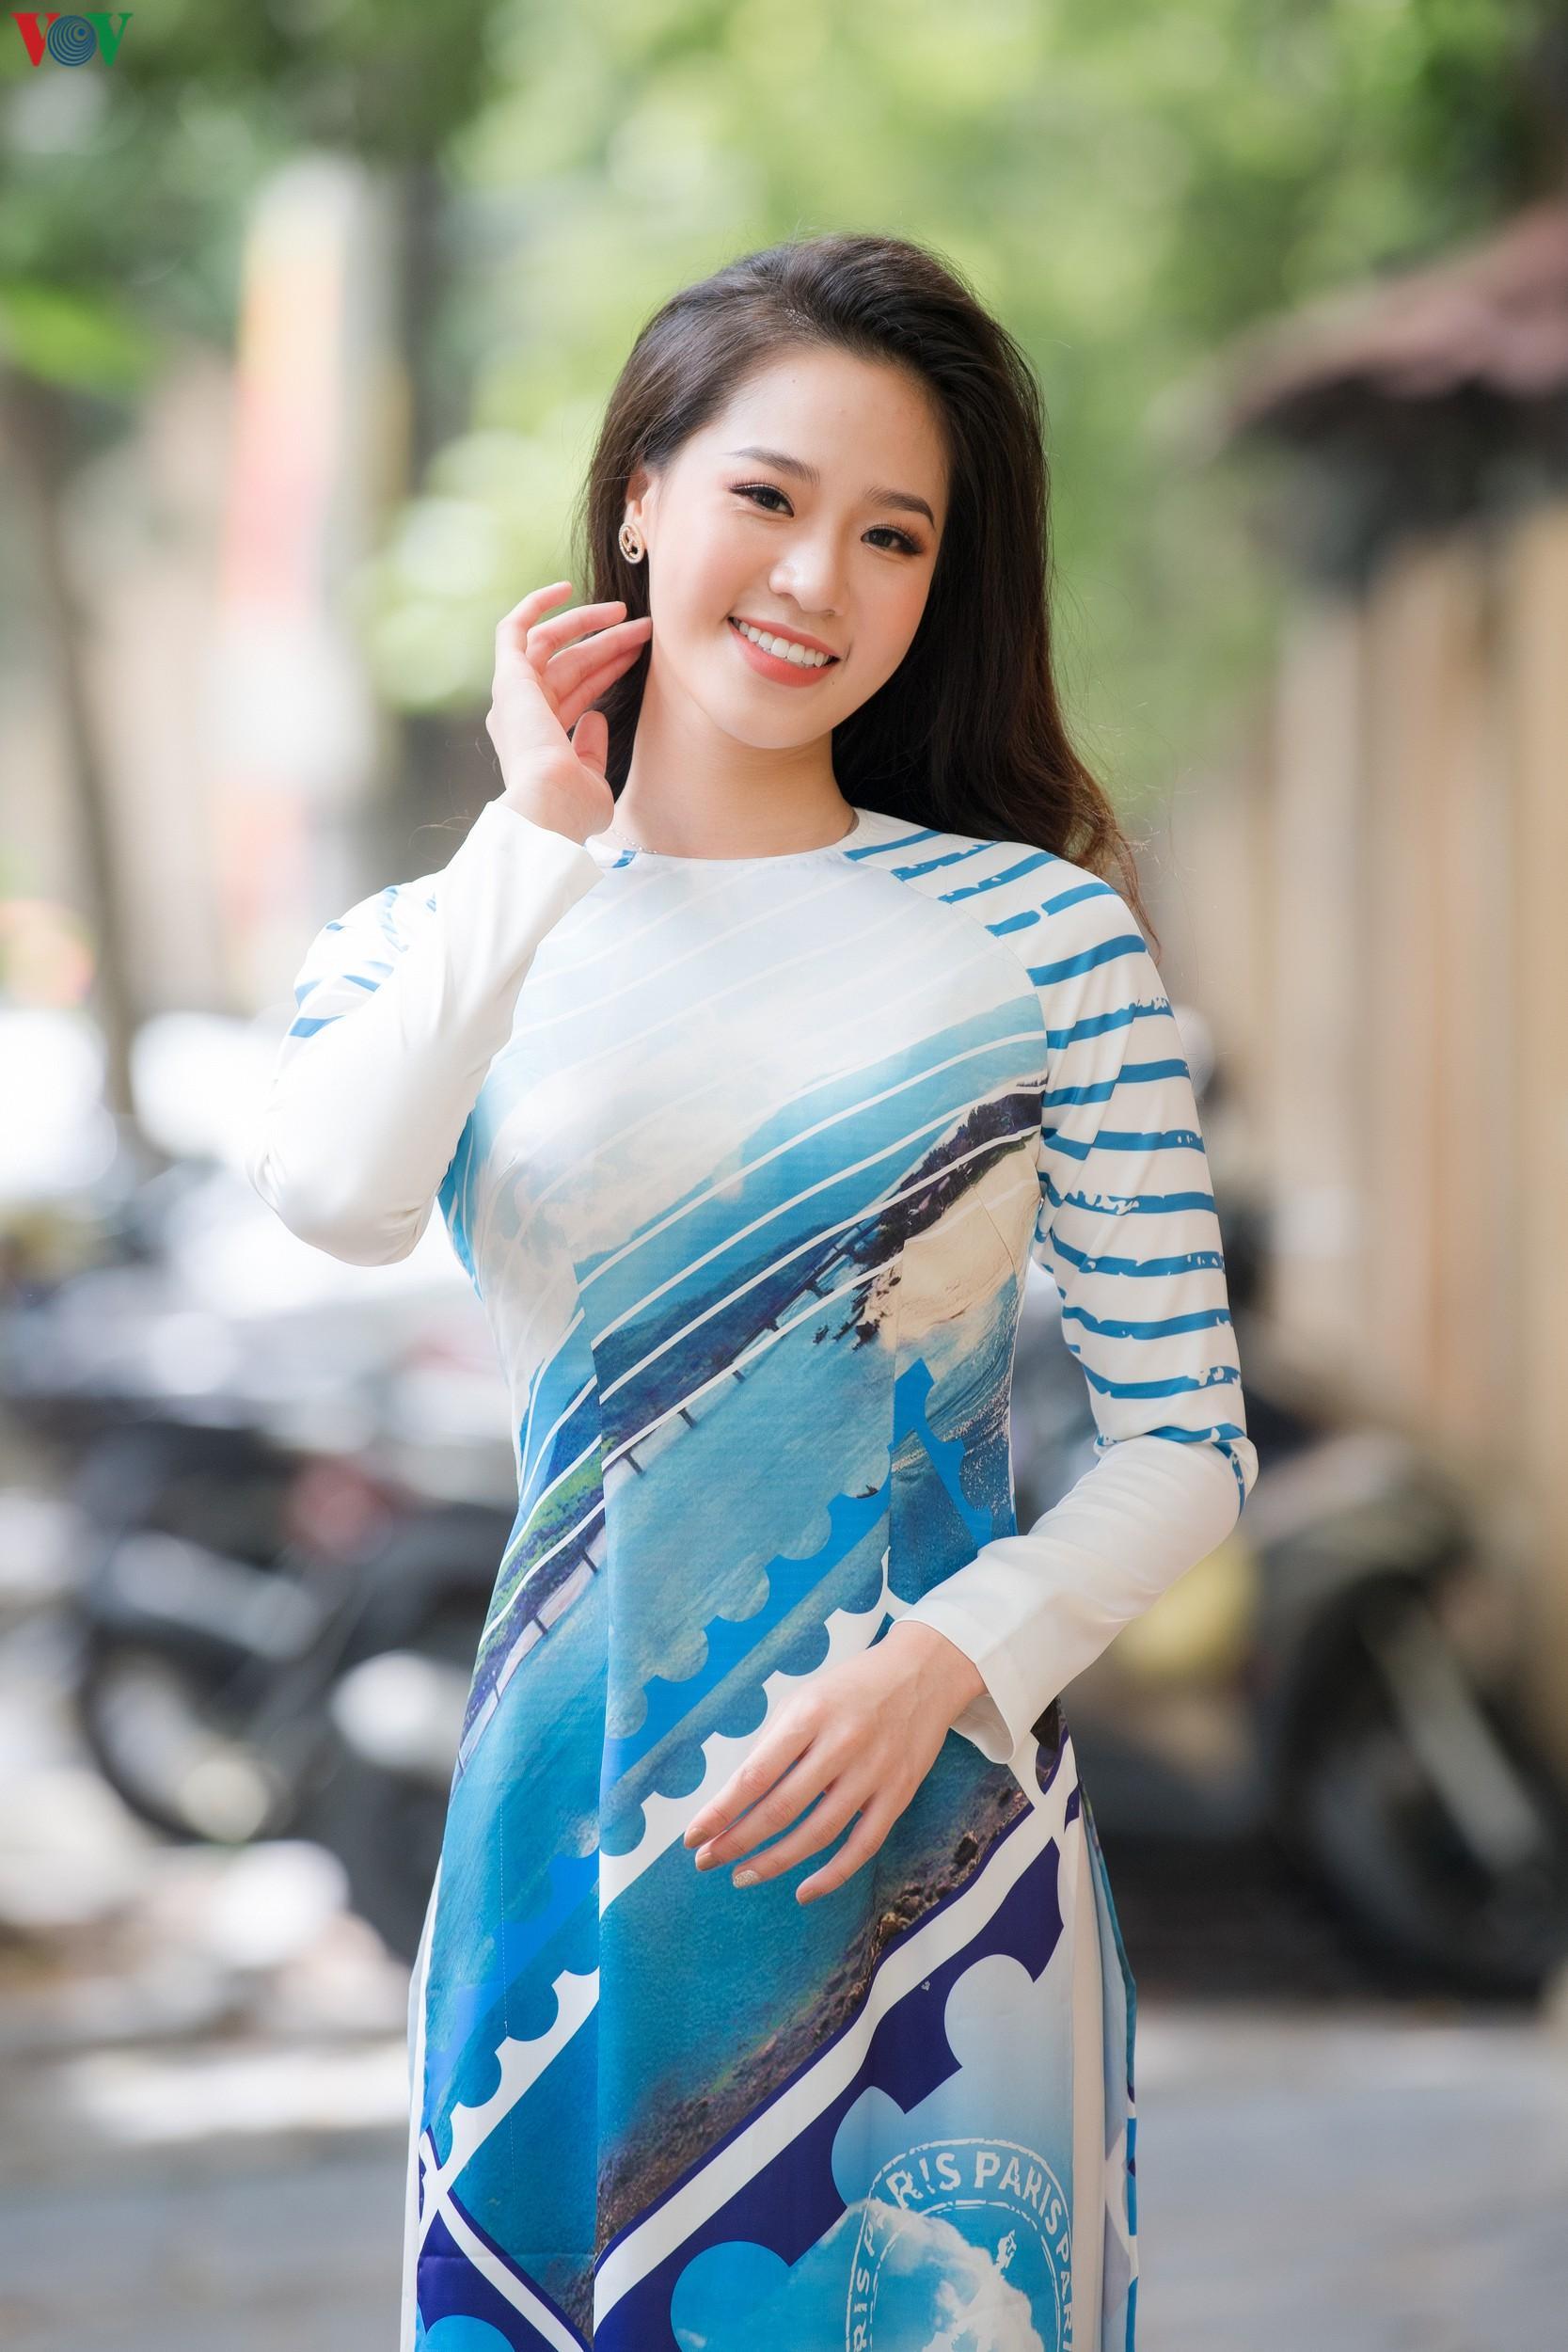 Hoa hậu Ngọc Hân, Đỗ Mỹ Linh đọ dáng với áo dài in hình biển đảo Ảnh 8